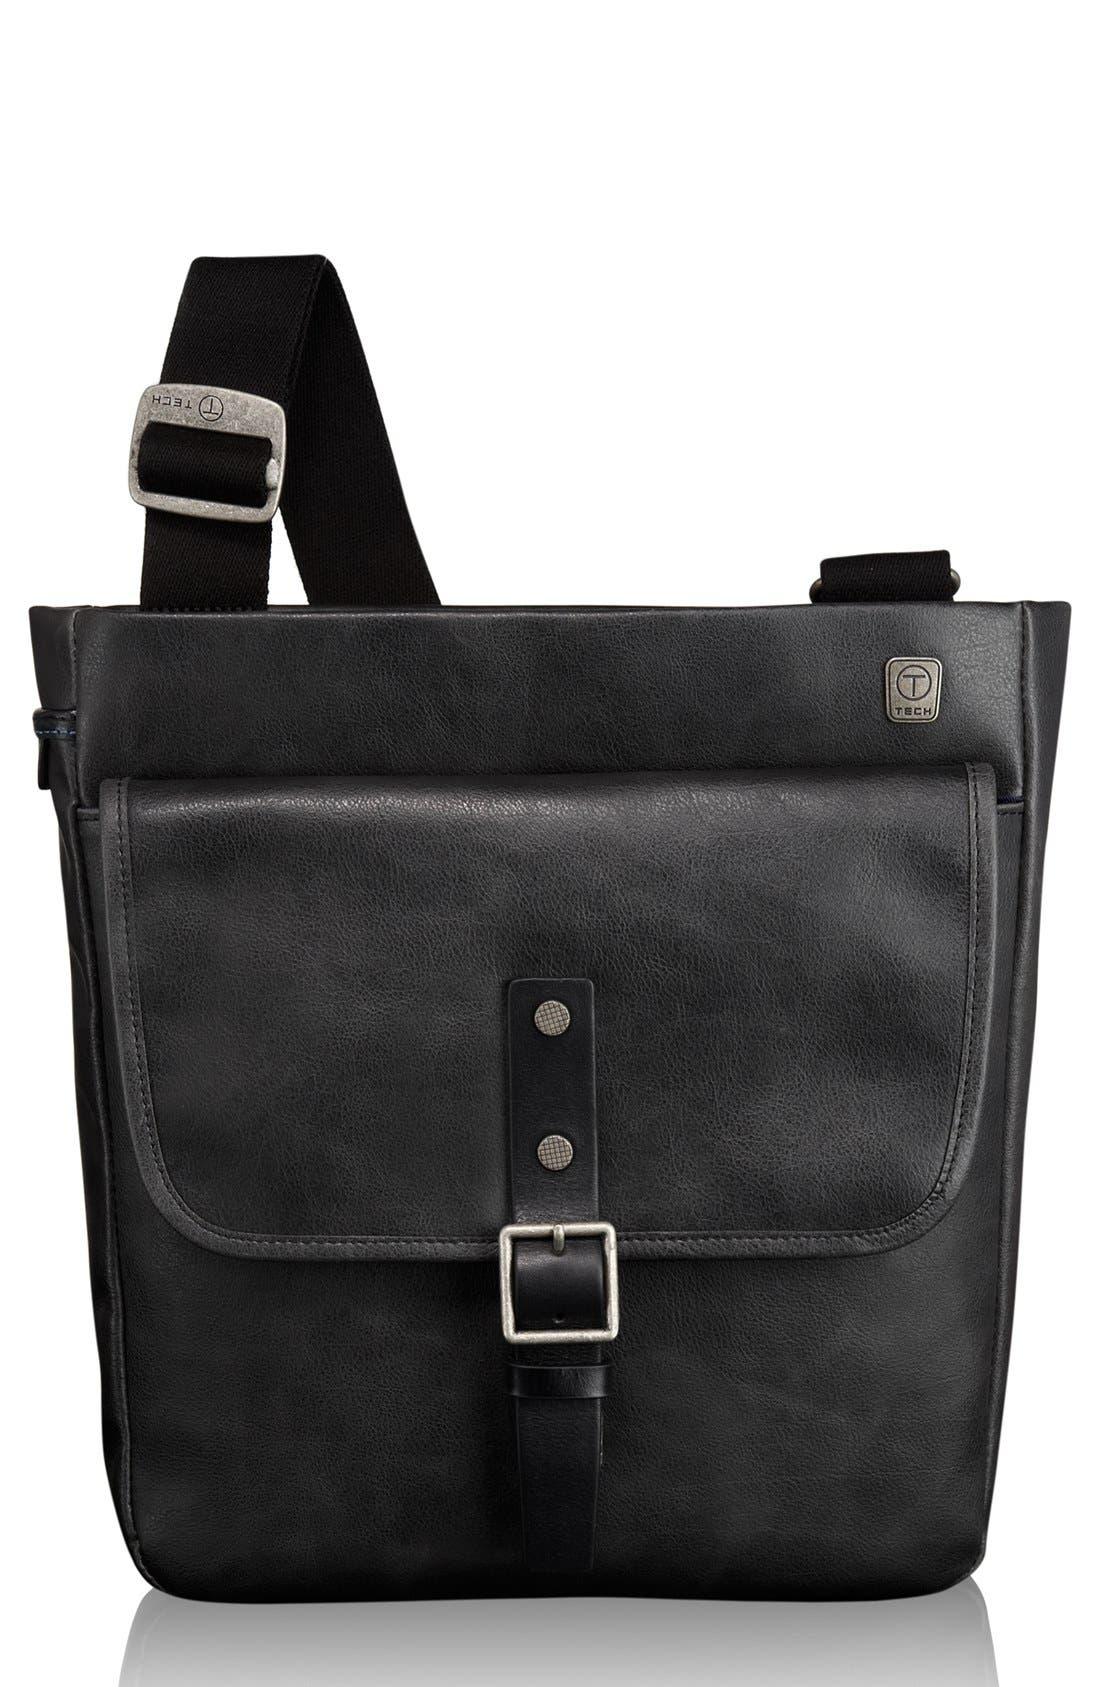 T-Tech by Tumi 'Forge - Pueblo' Top Zip Crossbody Bag, Main, color, 001